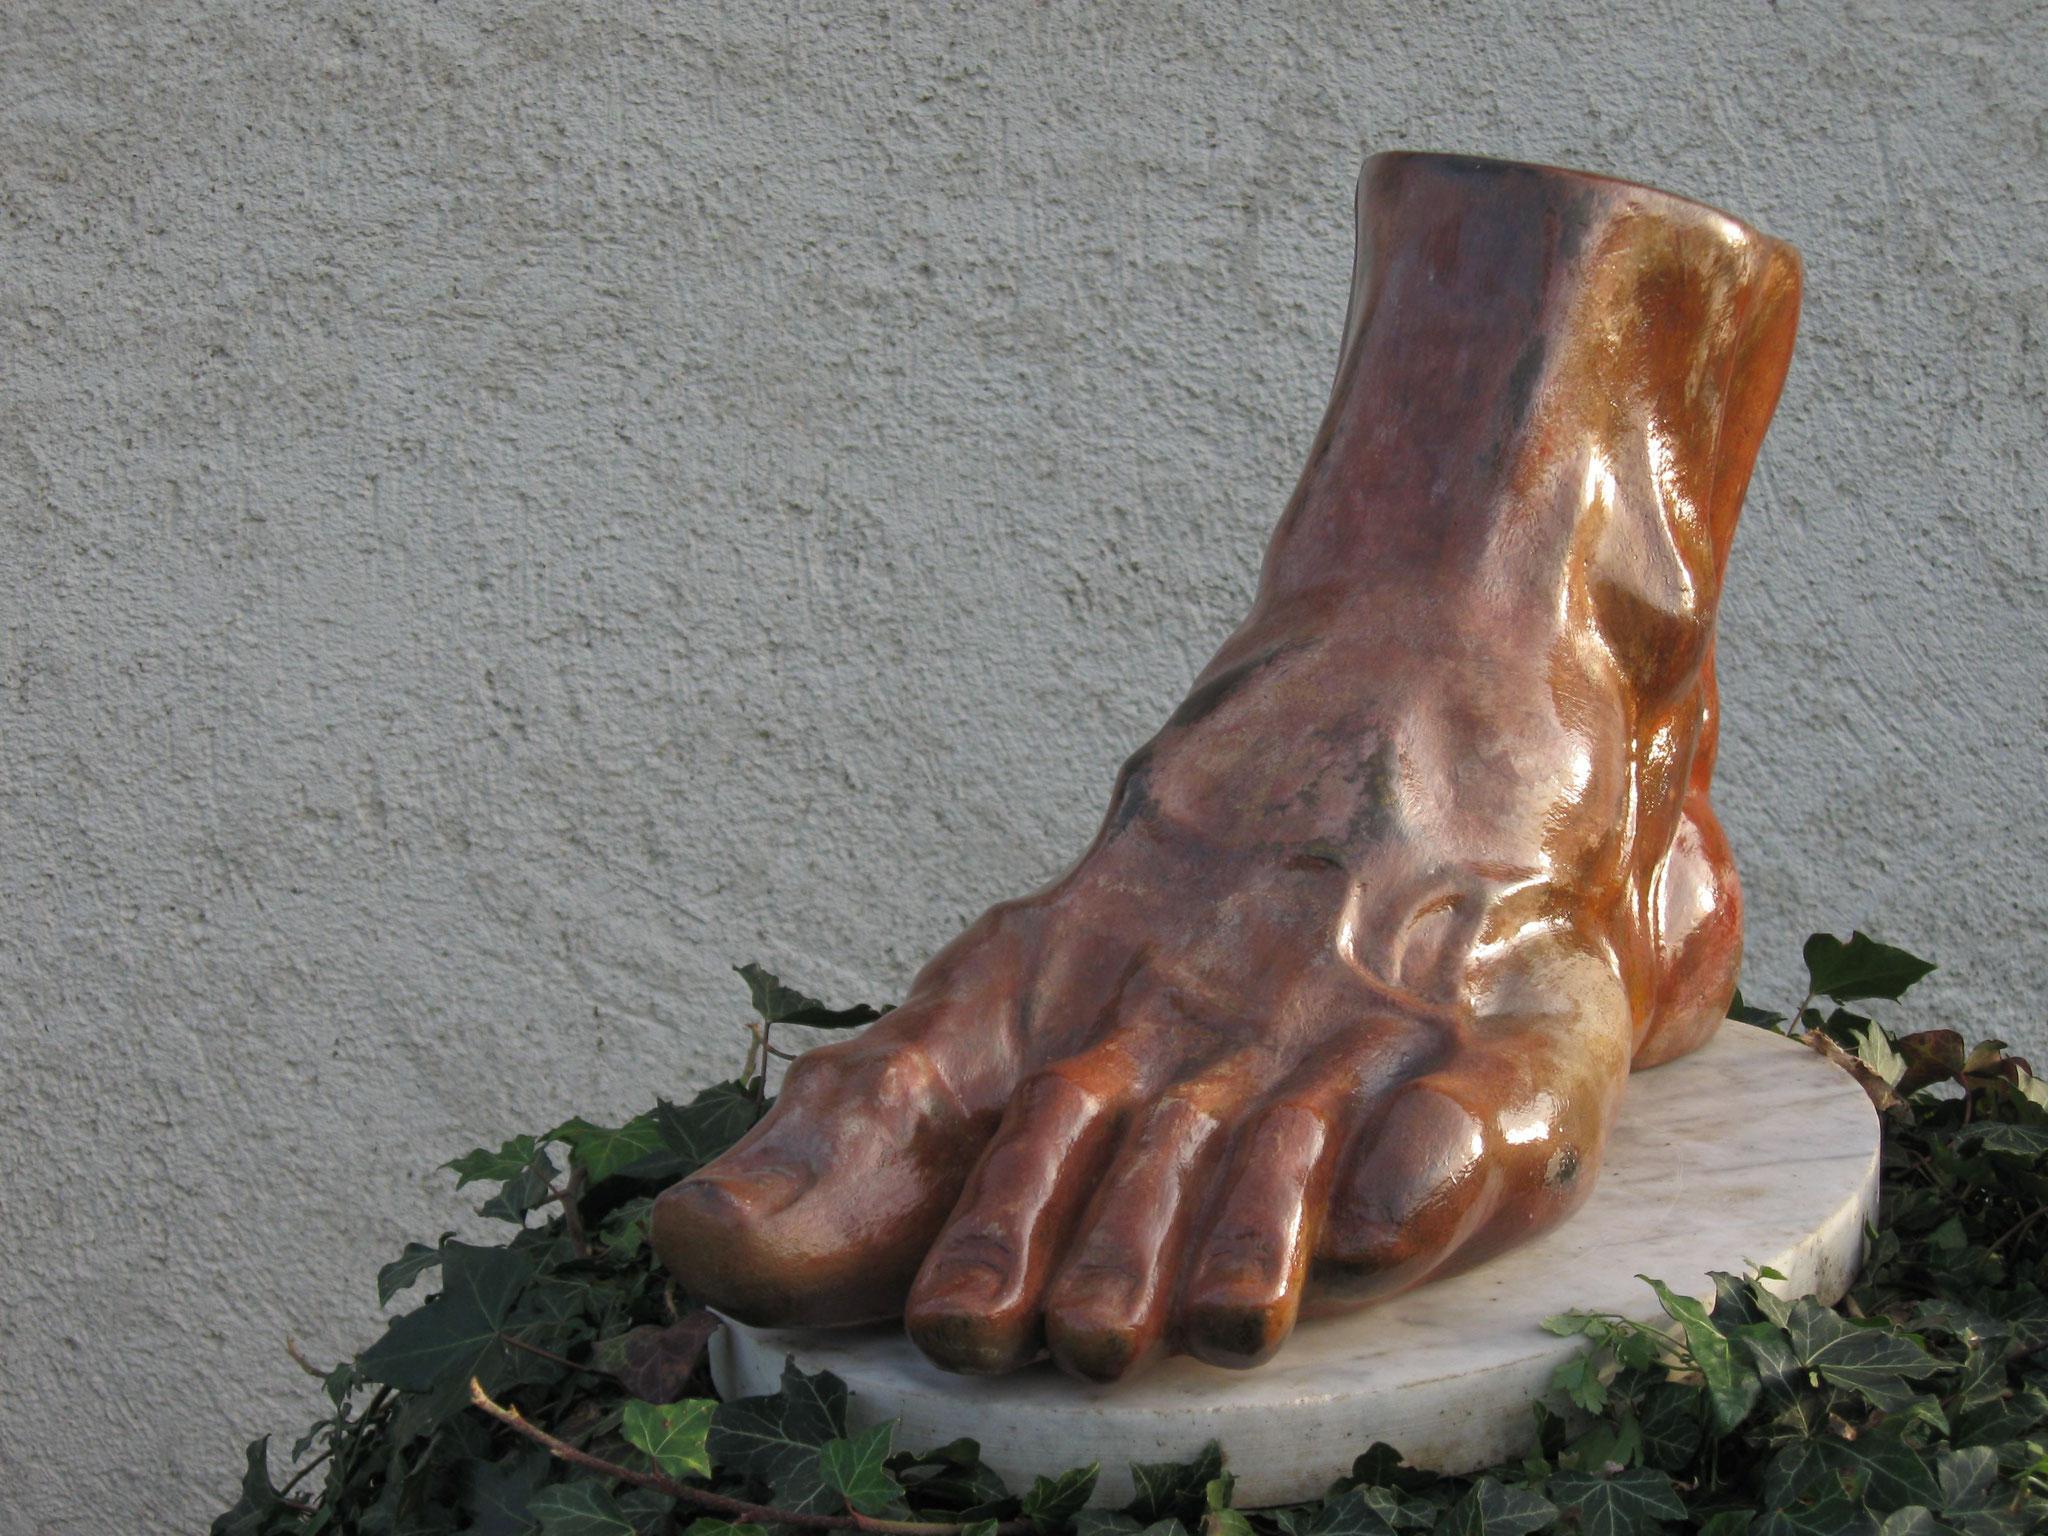 Le pied - plâtre pâtiné